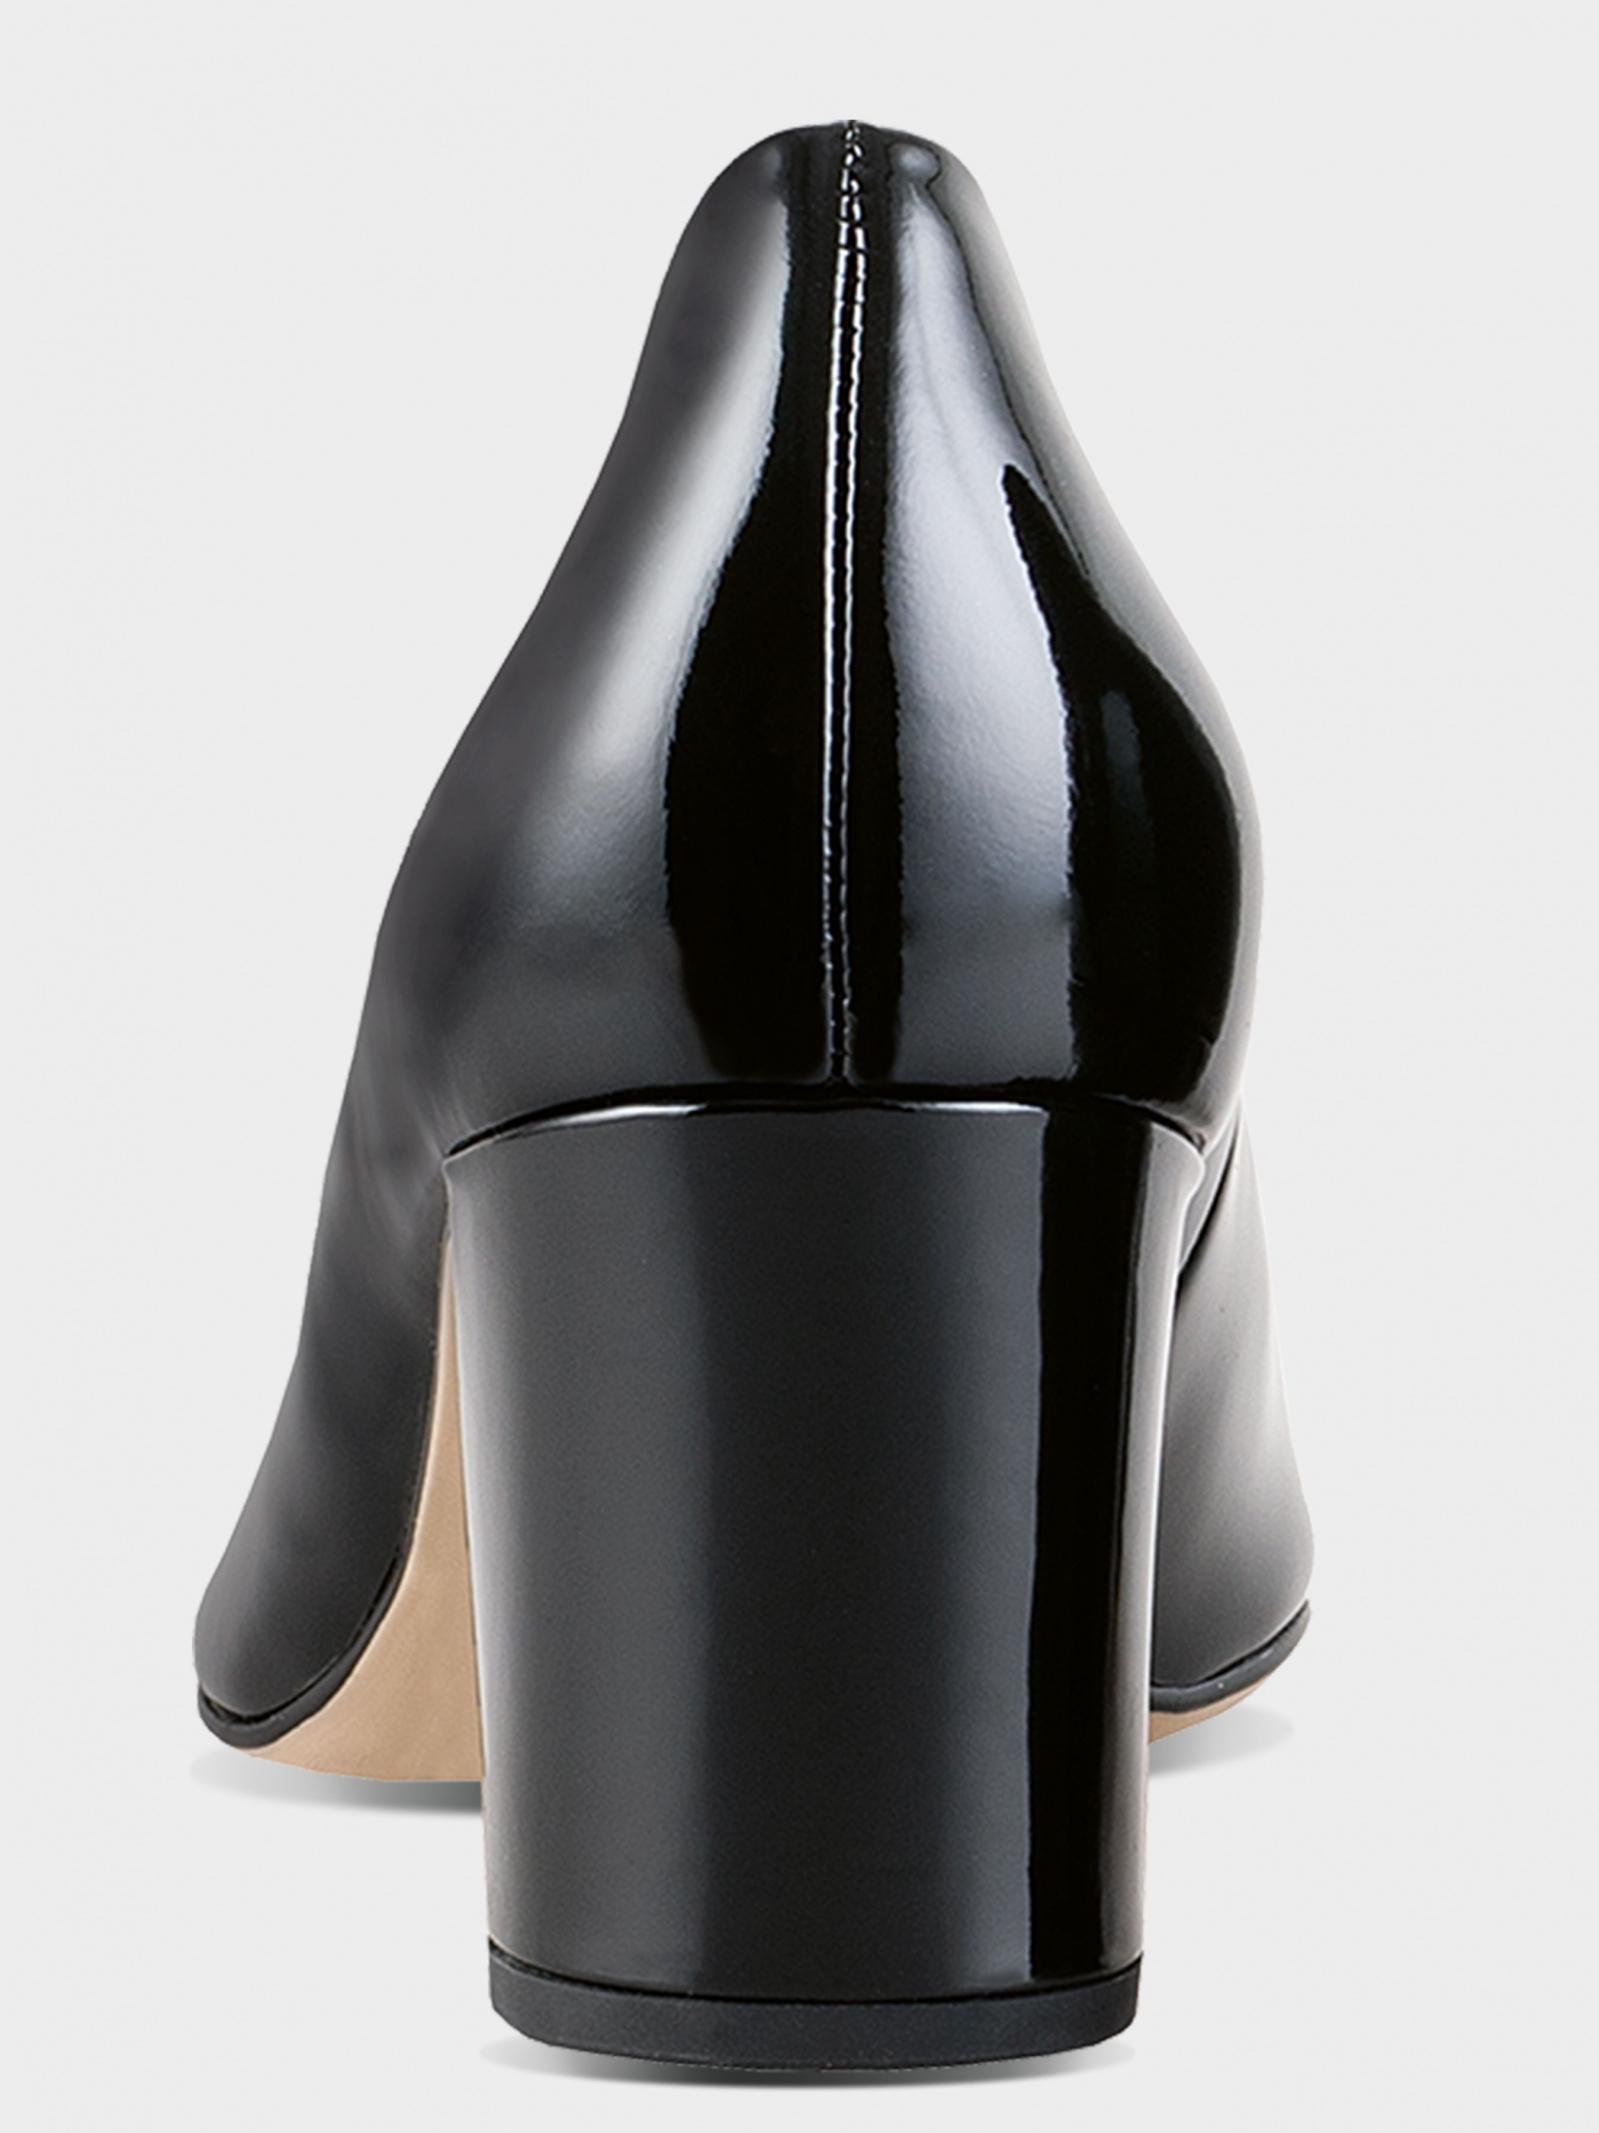 Туфлі  жіночі Hogl STUDIO 50 8-125004-0100 замовити, 2017